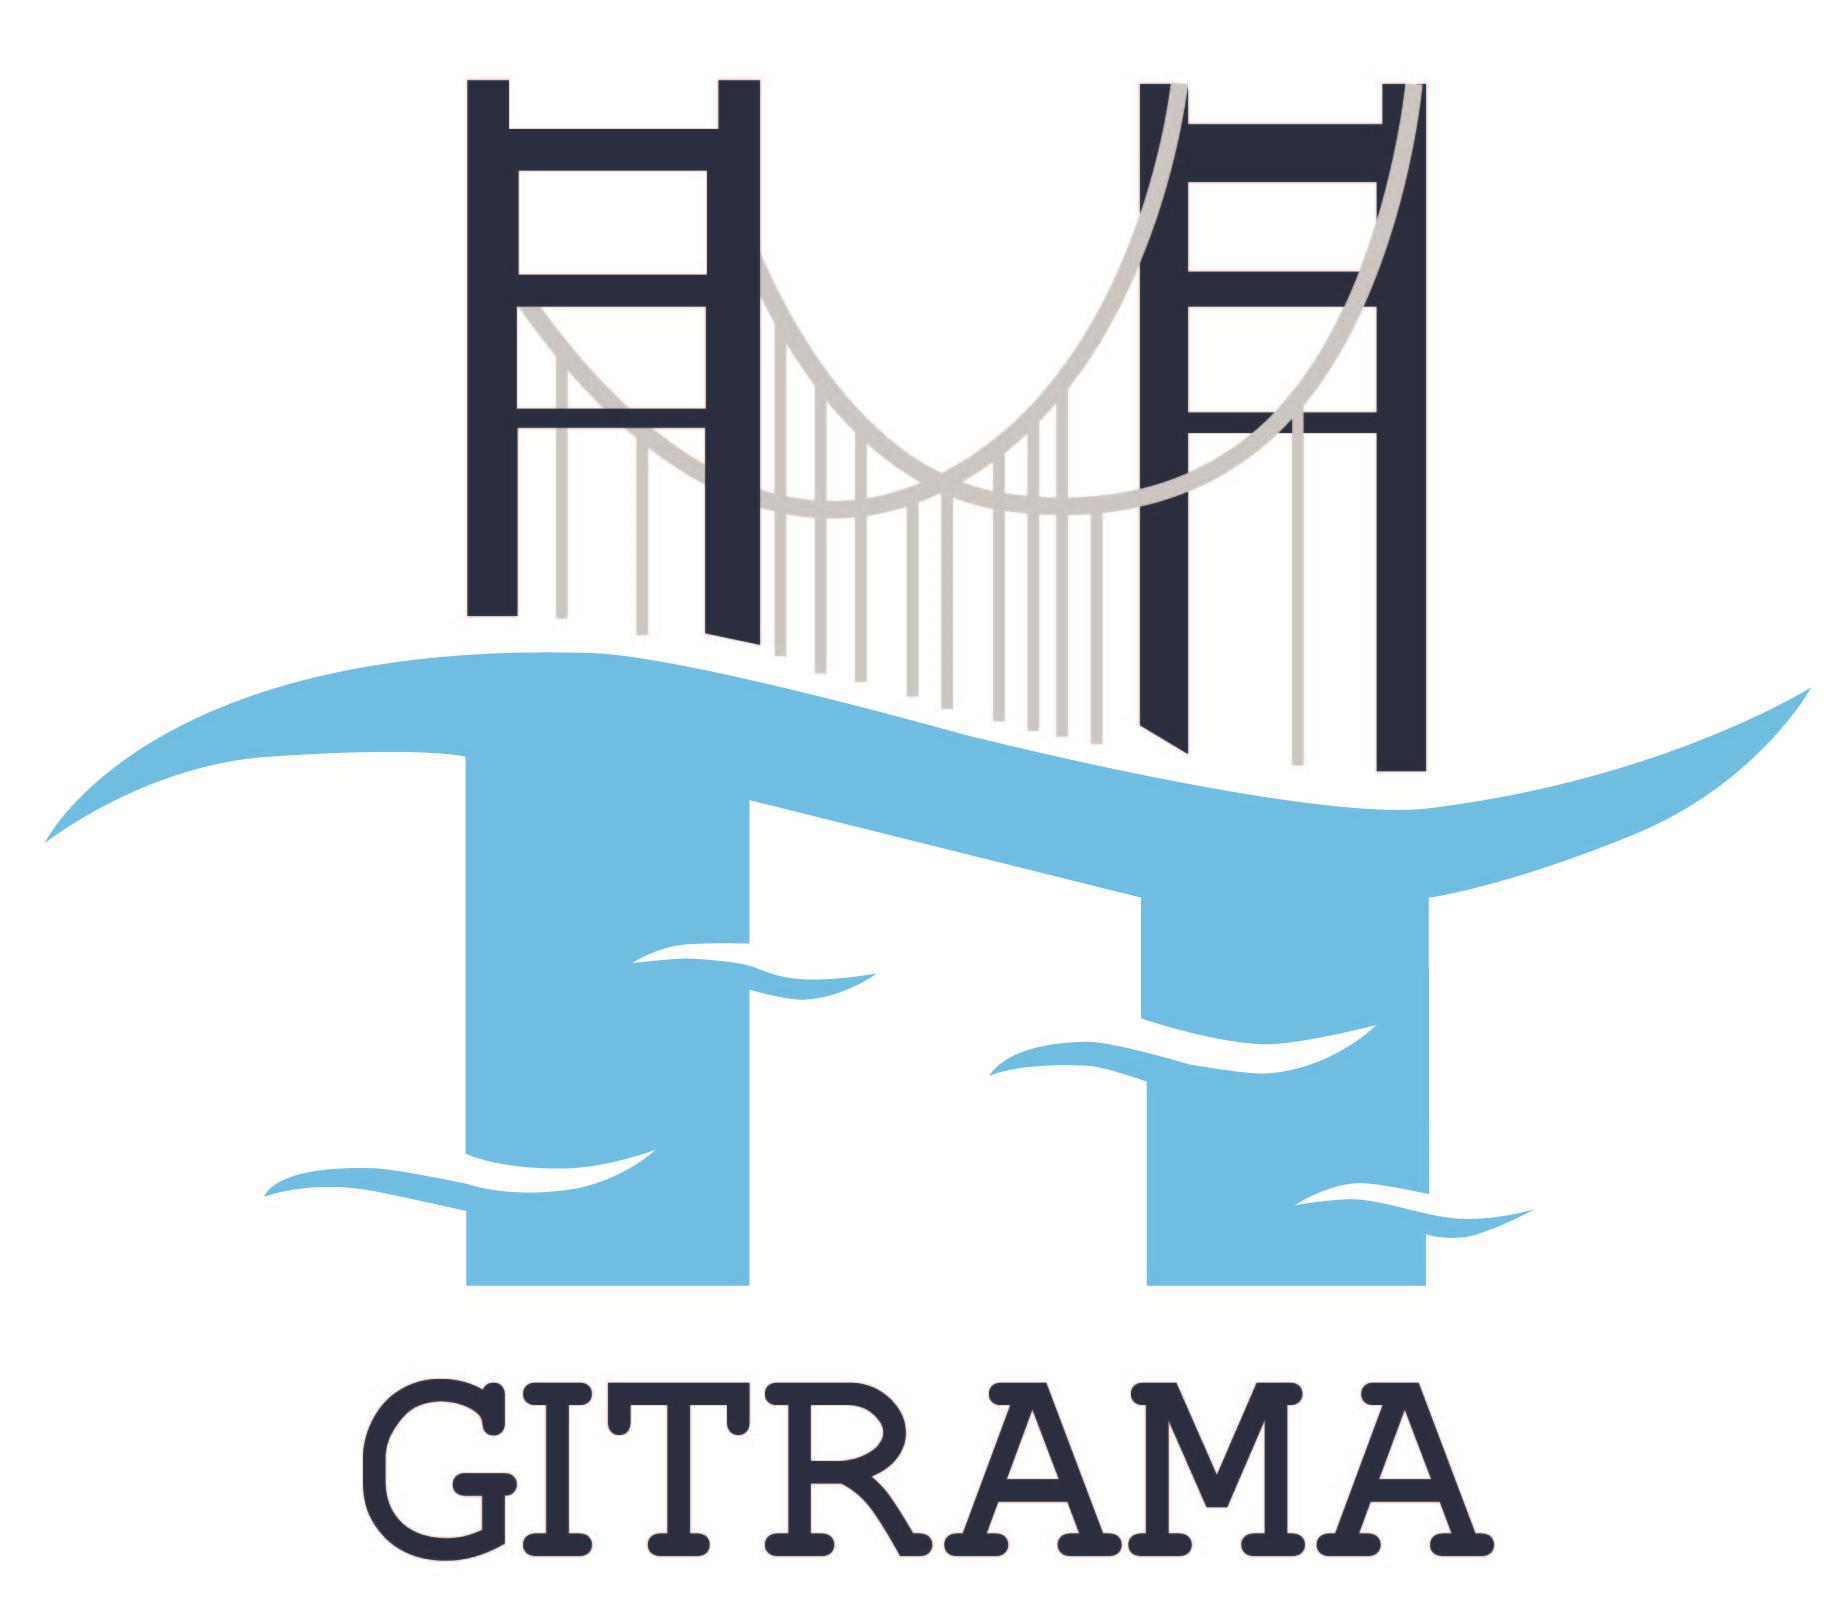 GITRAMA